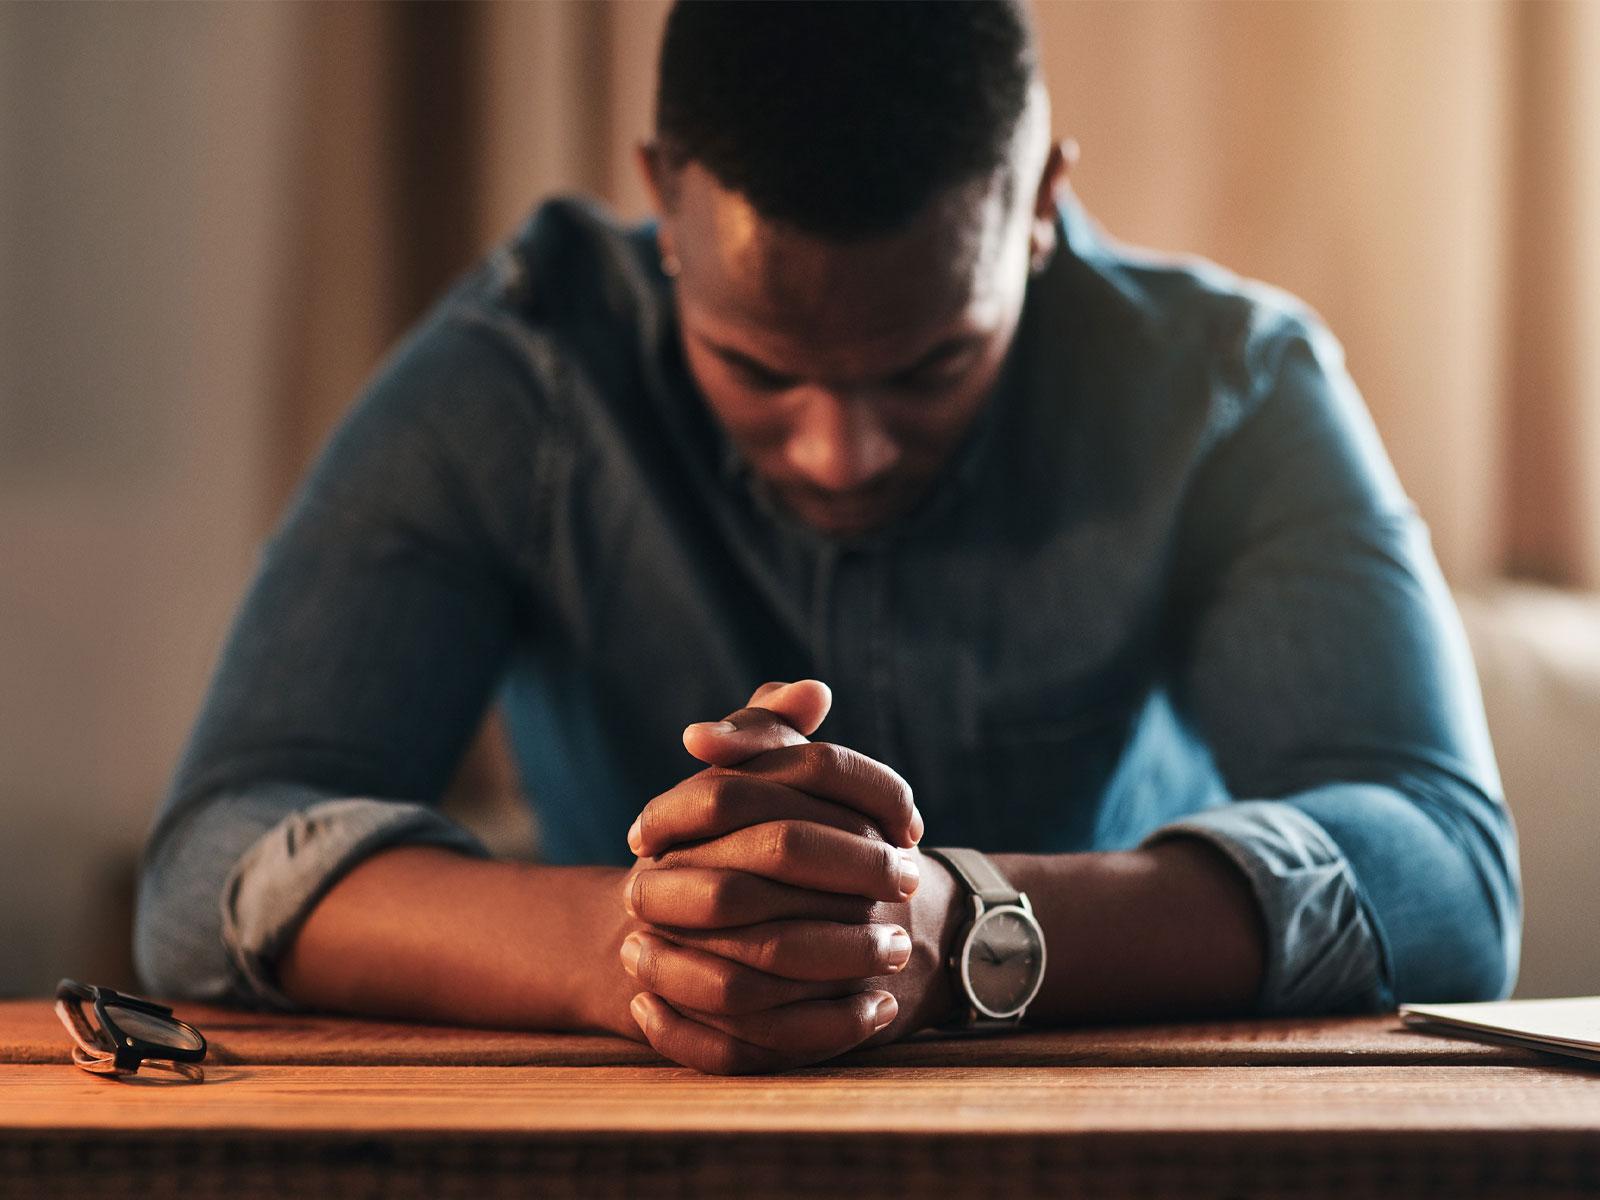 Como rezamos influencia na graça final que Deus tem para nós